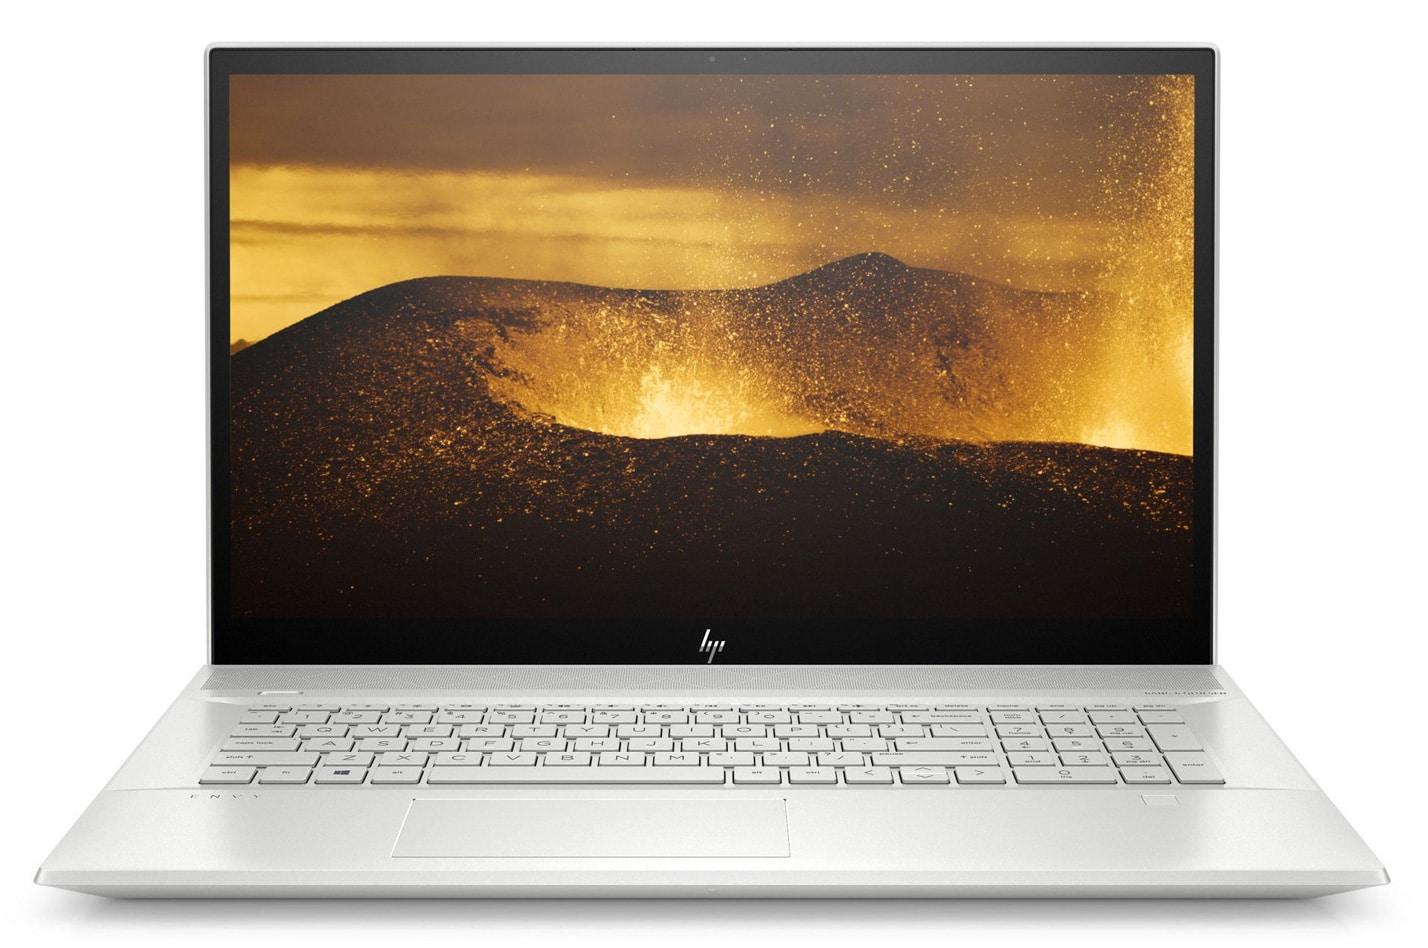 HP Envy 17-ce1000nf, 17 pouces fin et sobre multimédia (996€)